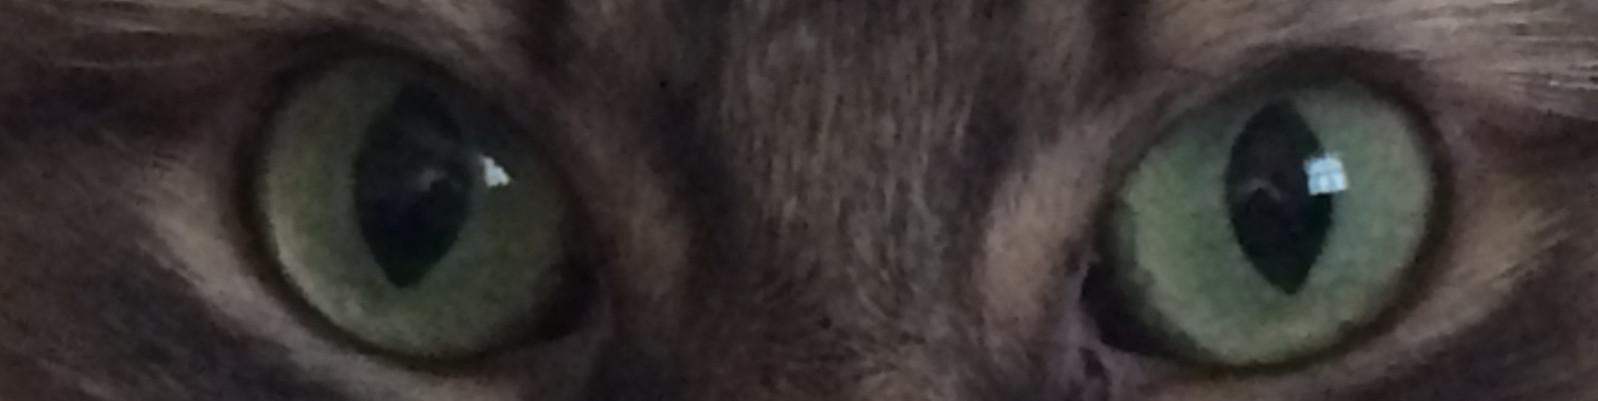 Kali's Eyes